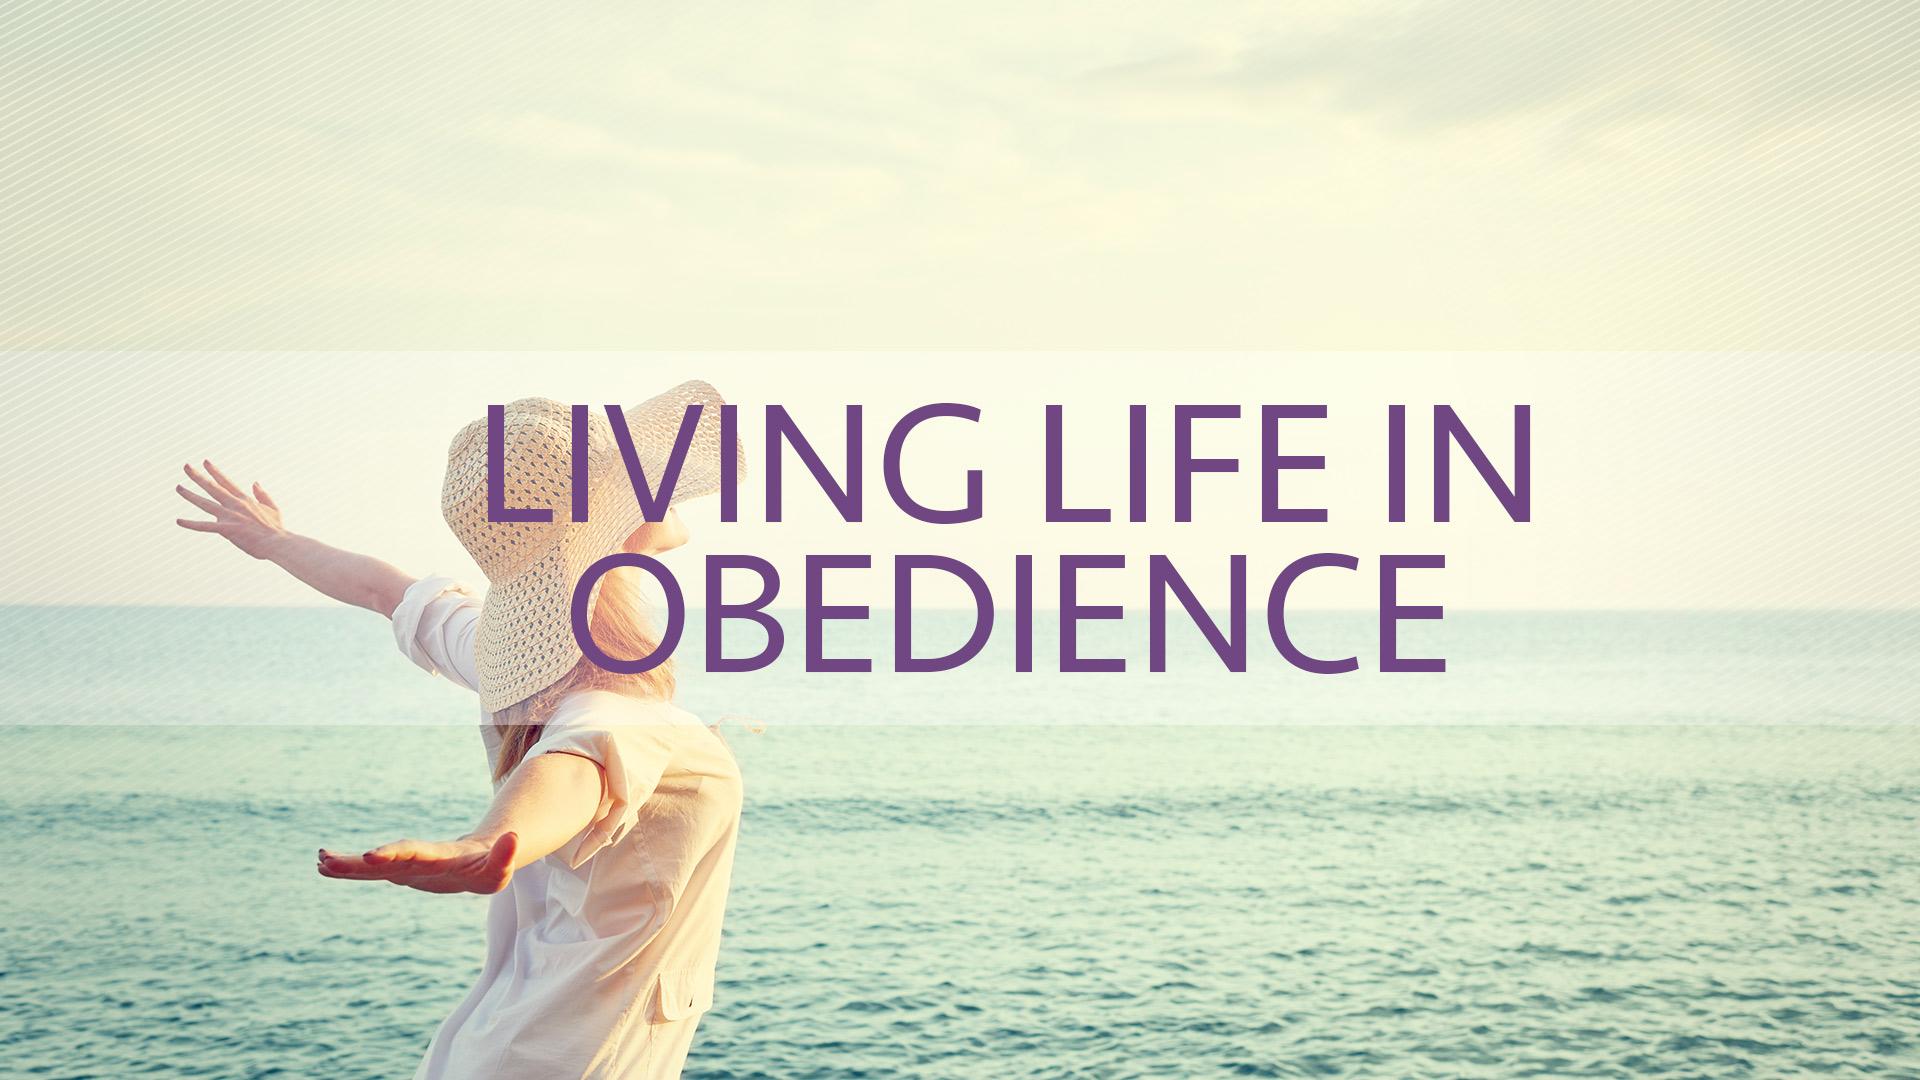 Living-Life-in-Obedience.jpg